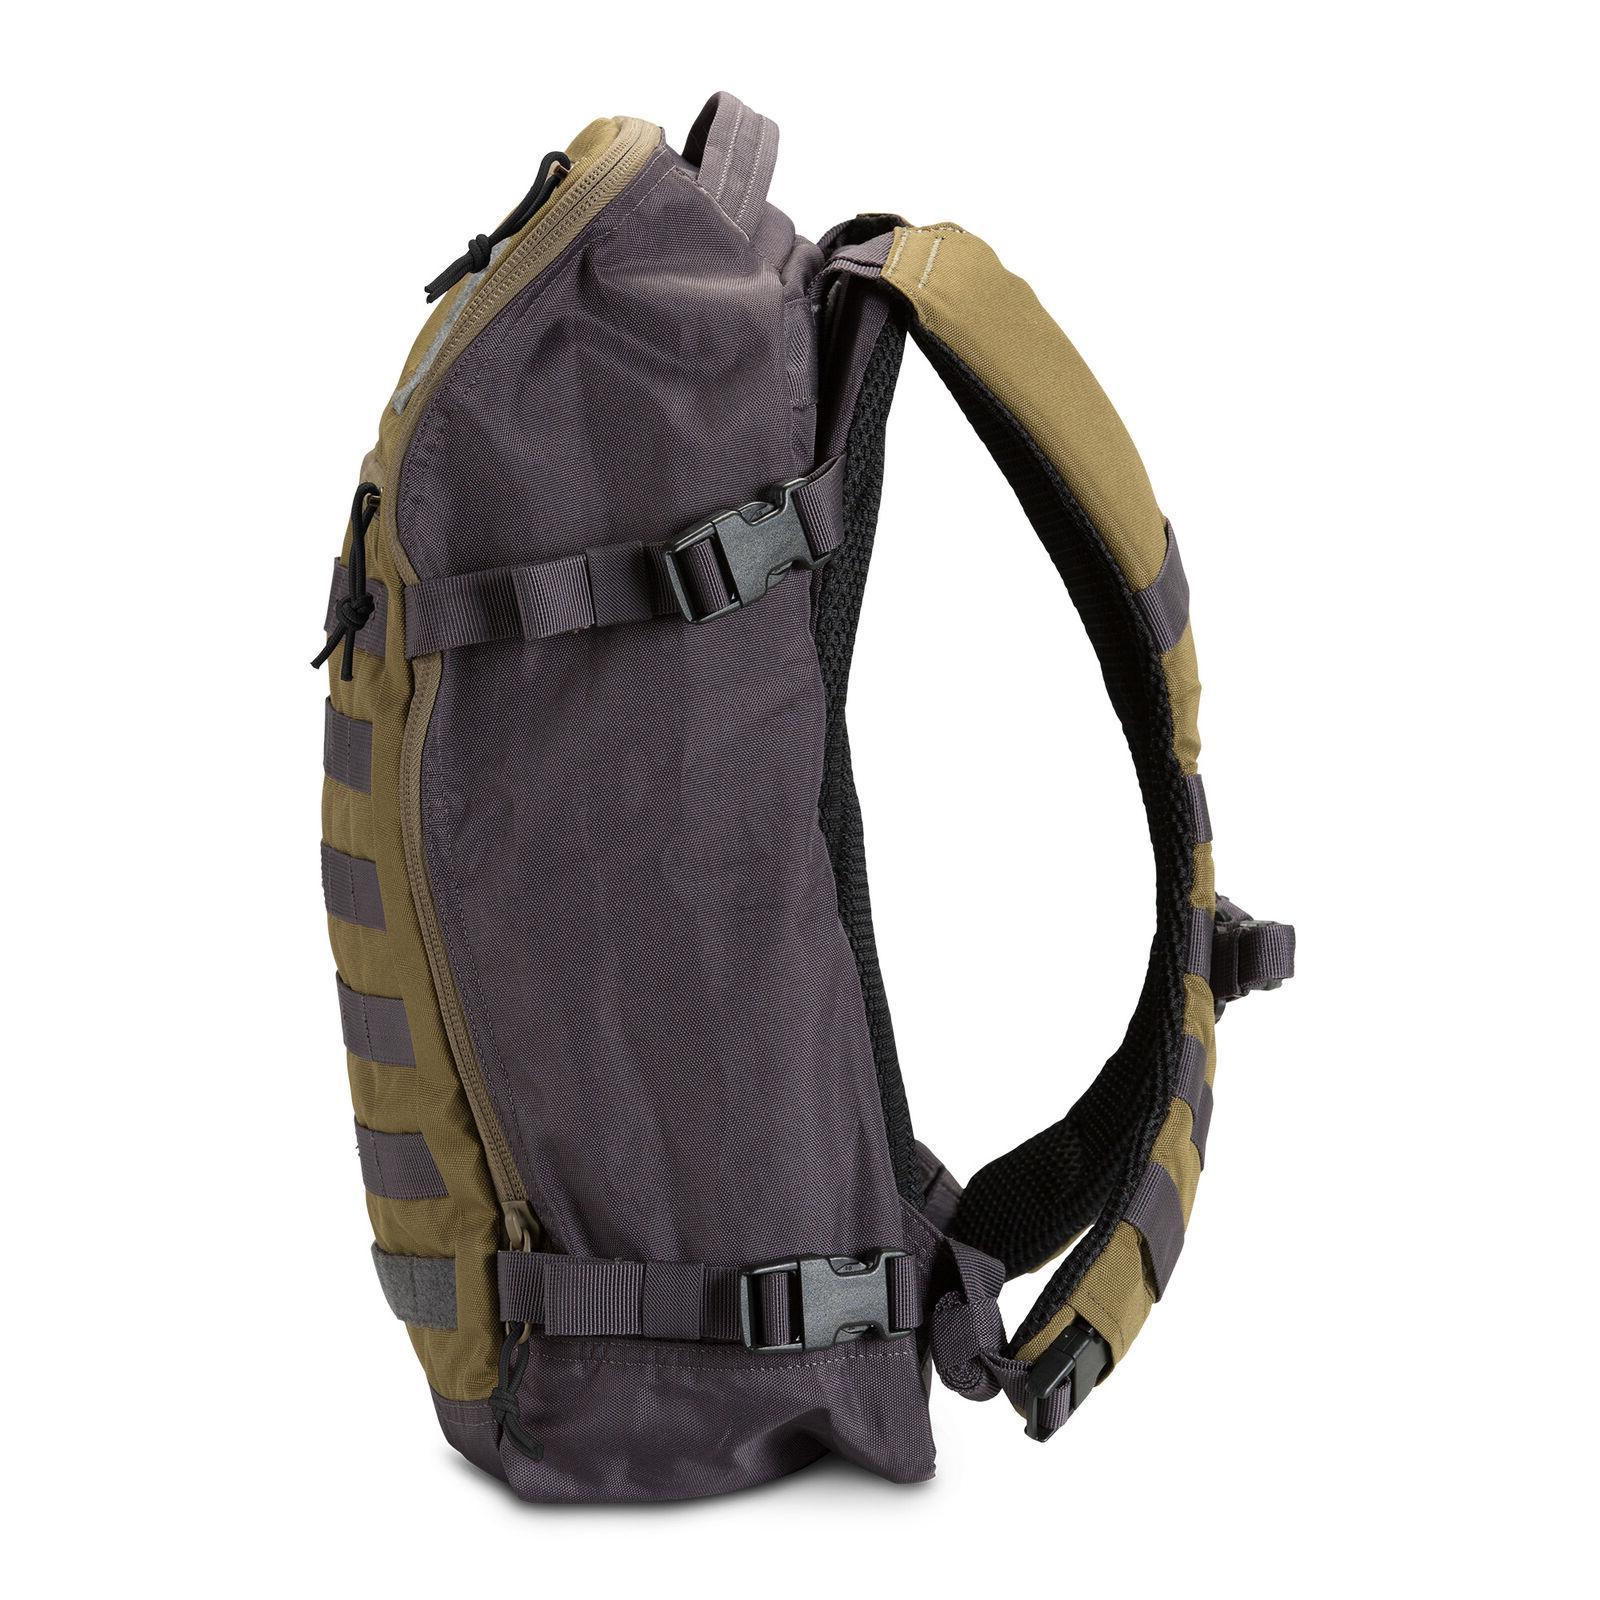 5.11 Zipper Bag Bag